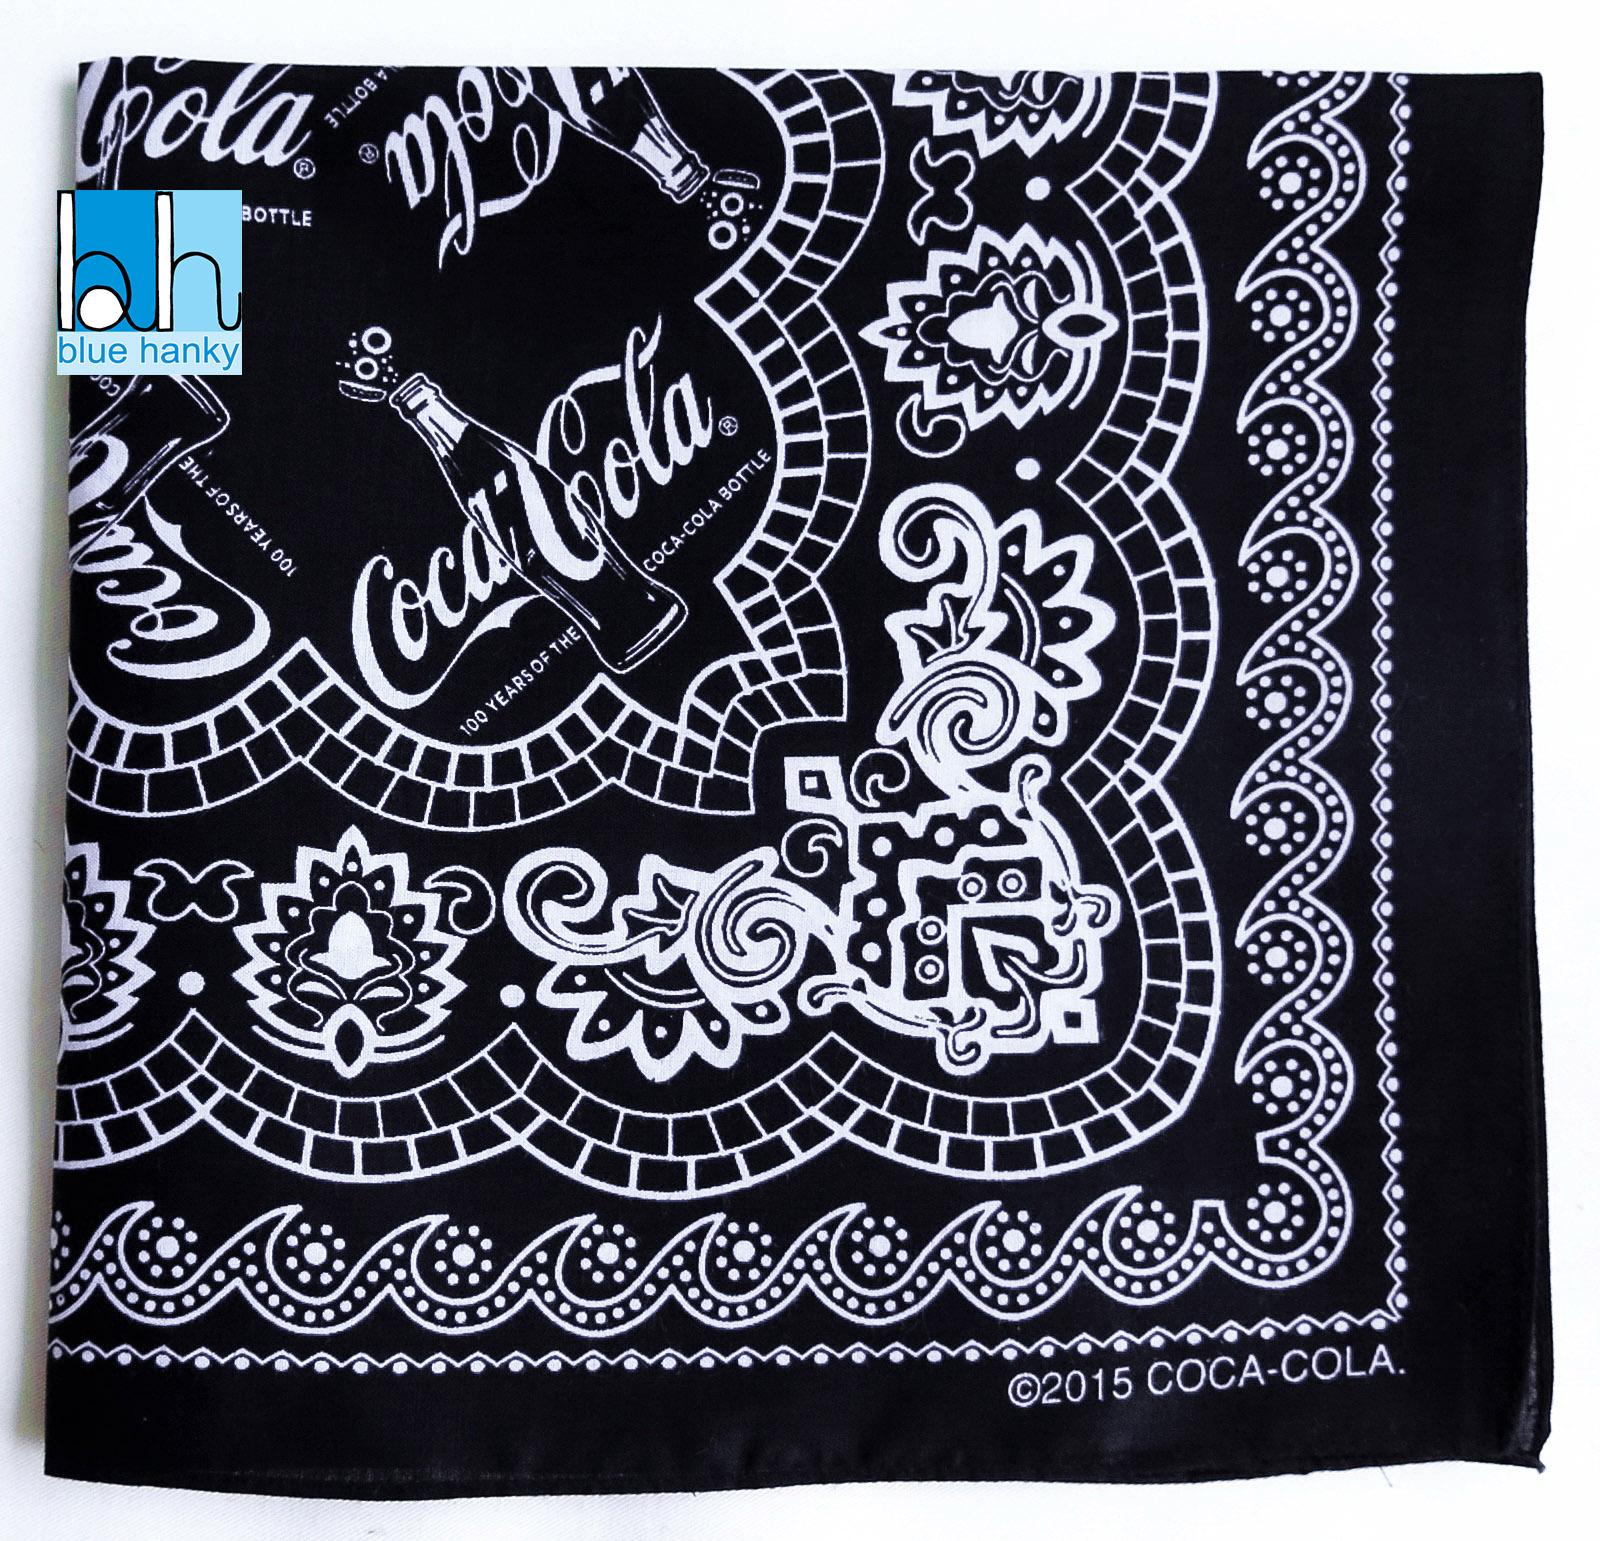 """#299 22"""" Coca Cola ผ้าเช็ดหน้ามือ2 สภาพดี ผ้าเช็ดหน้าผืนใหญ่"""